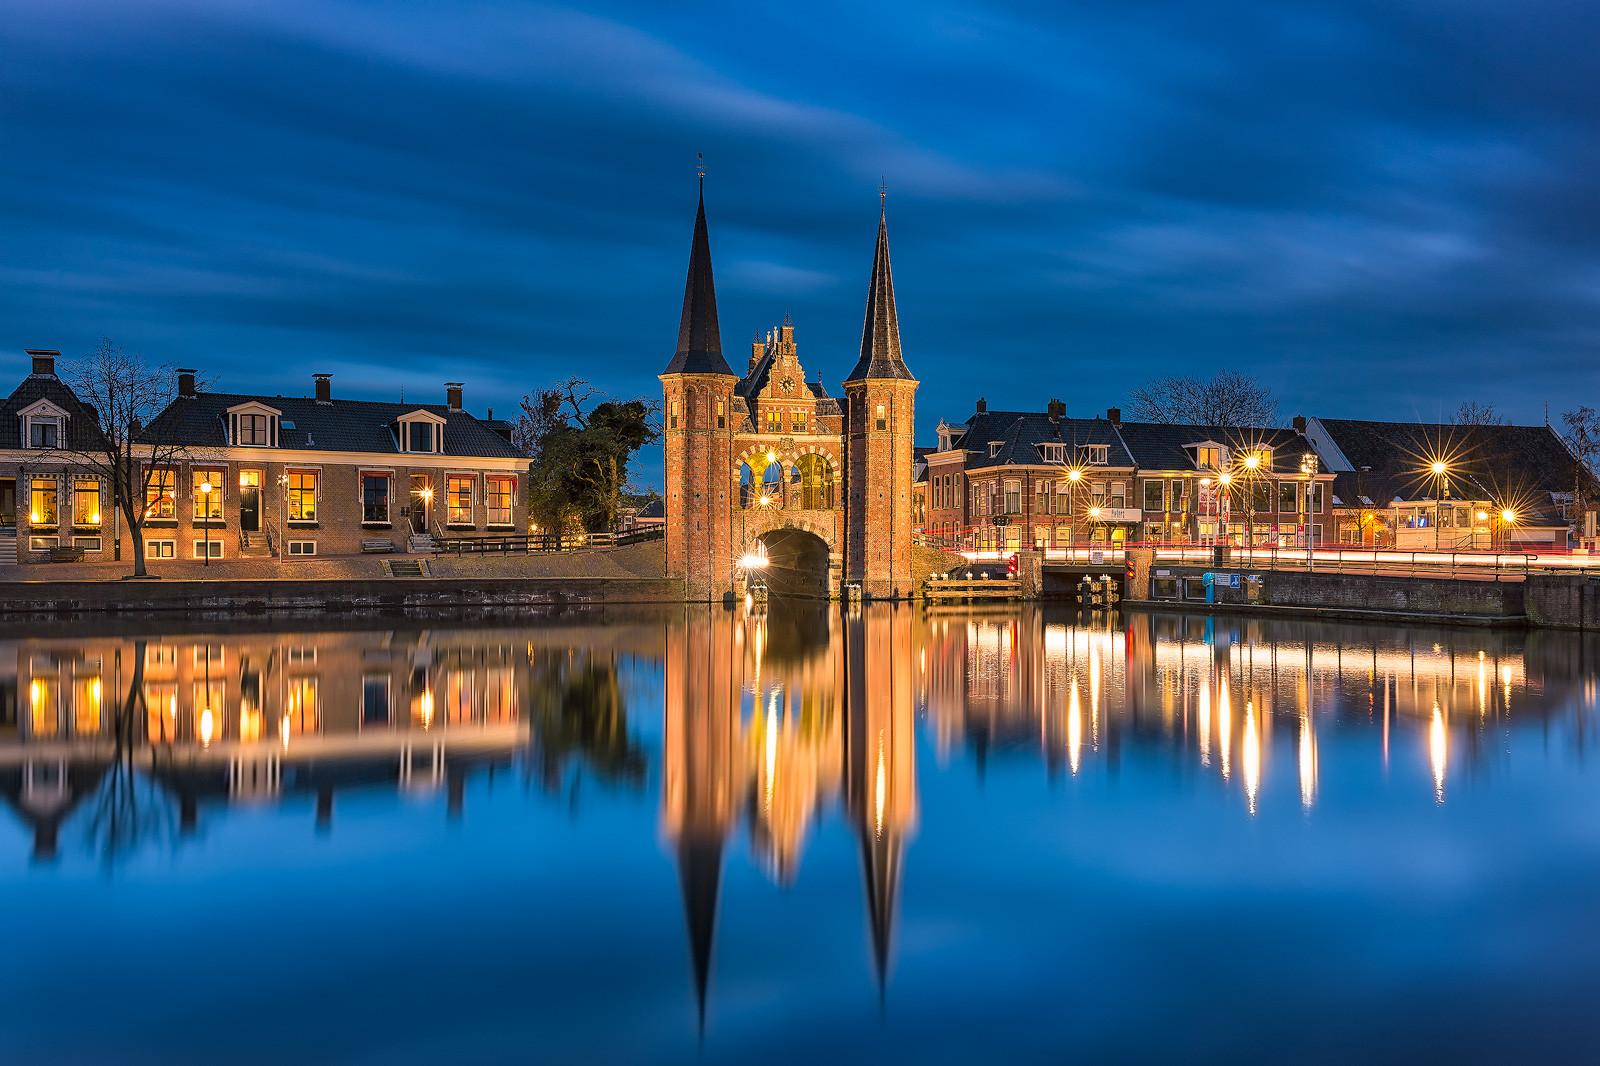 Foto apparatuur - Waterpoort in Sneek in Friesland tijdens de schemering op een mooie avond